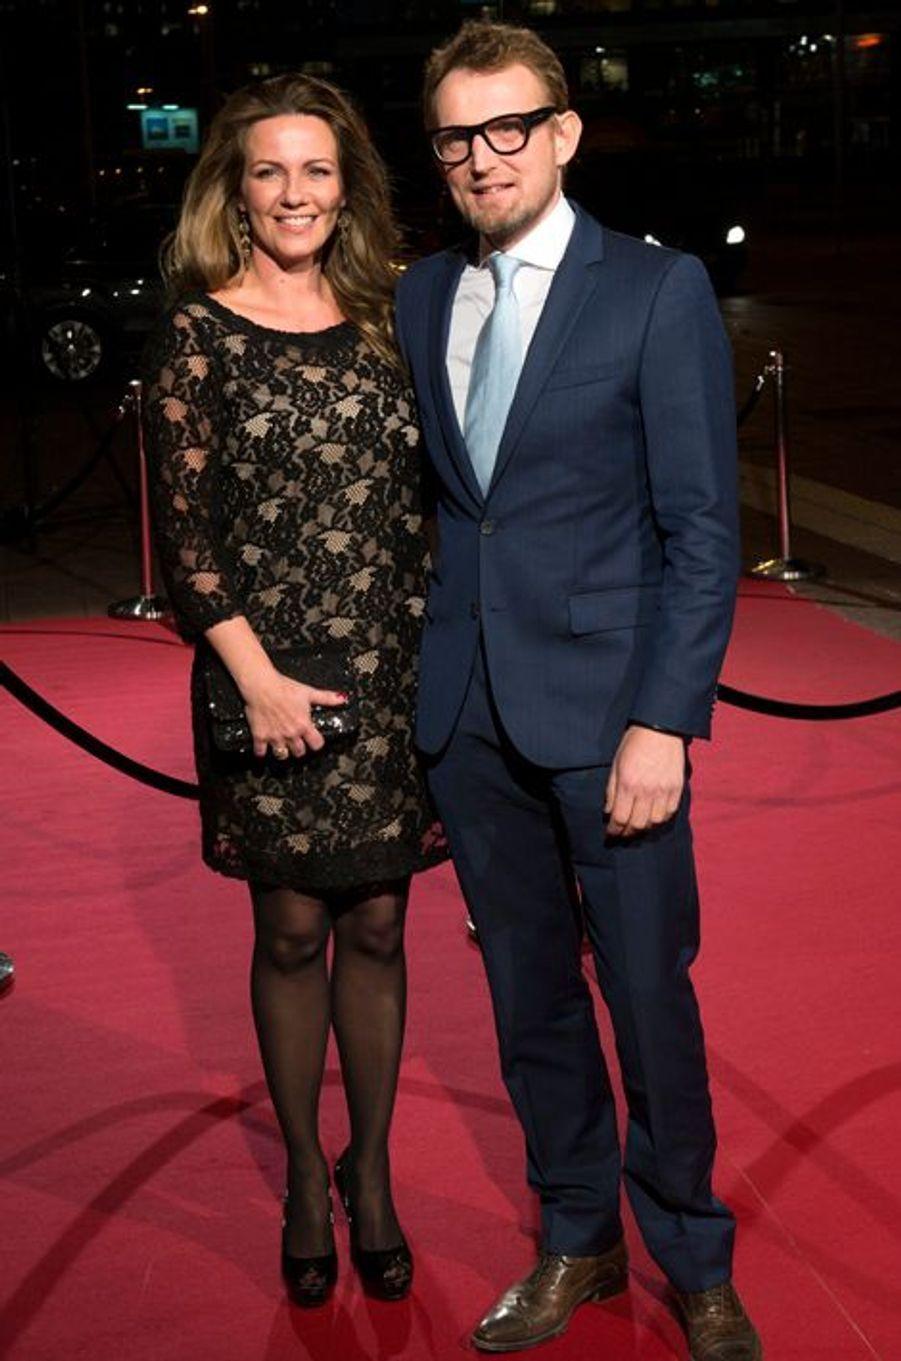 La princesse Annette et le prince Bernhard au théâtre Beatrix d'Utrecht, le 8 décembre 2014